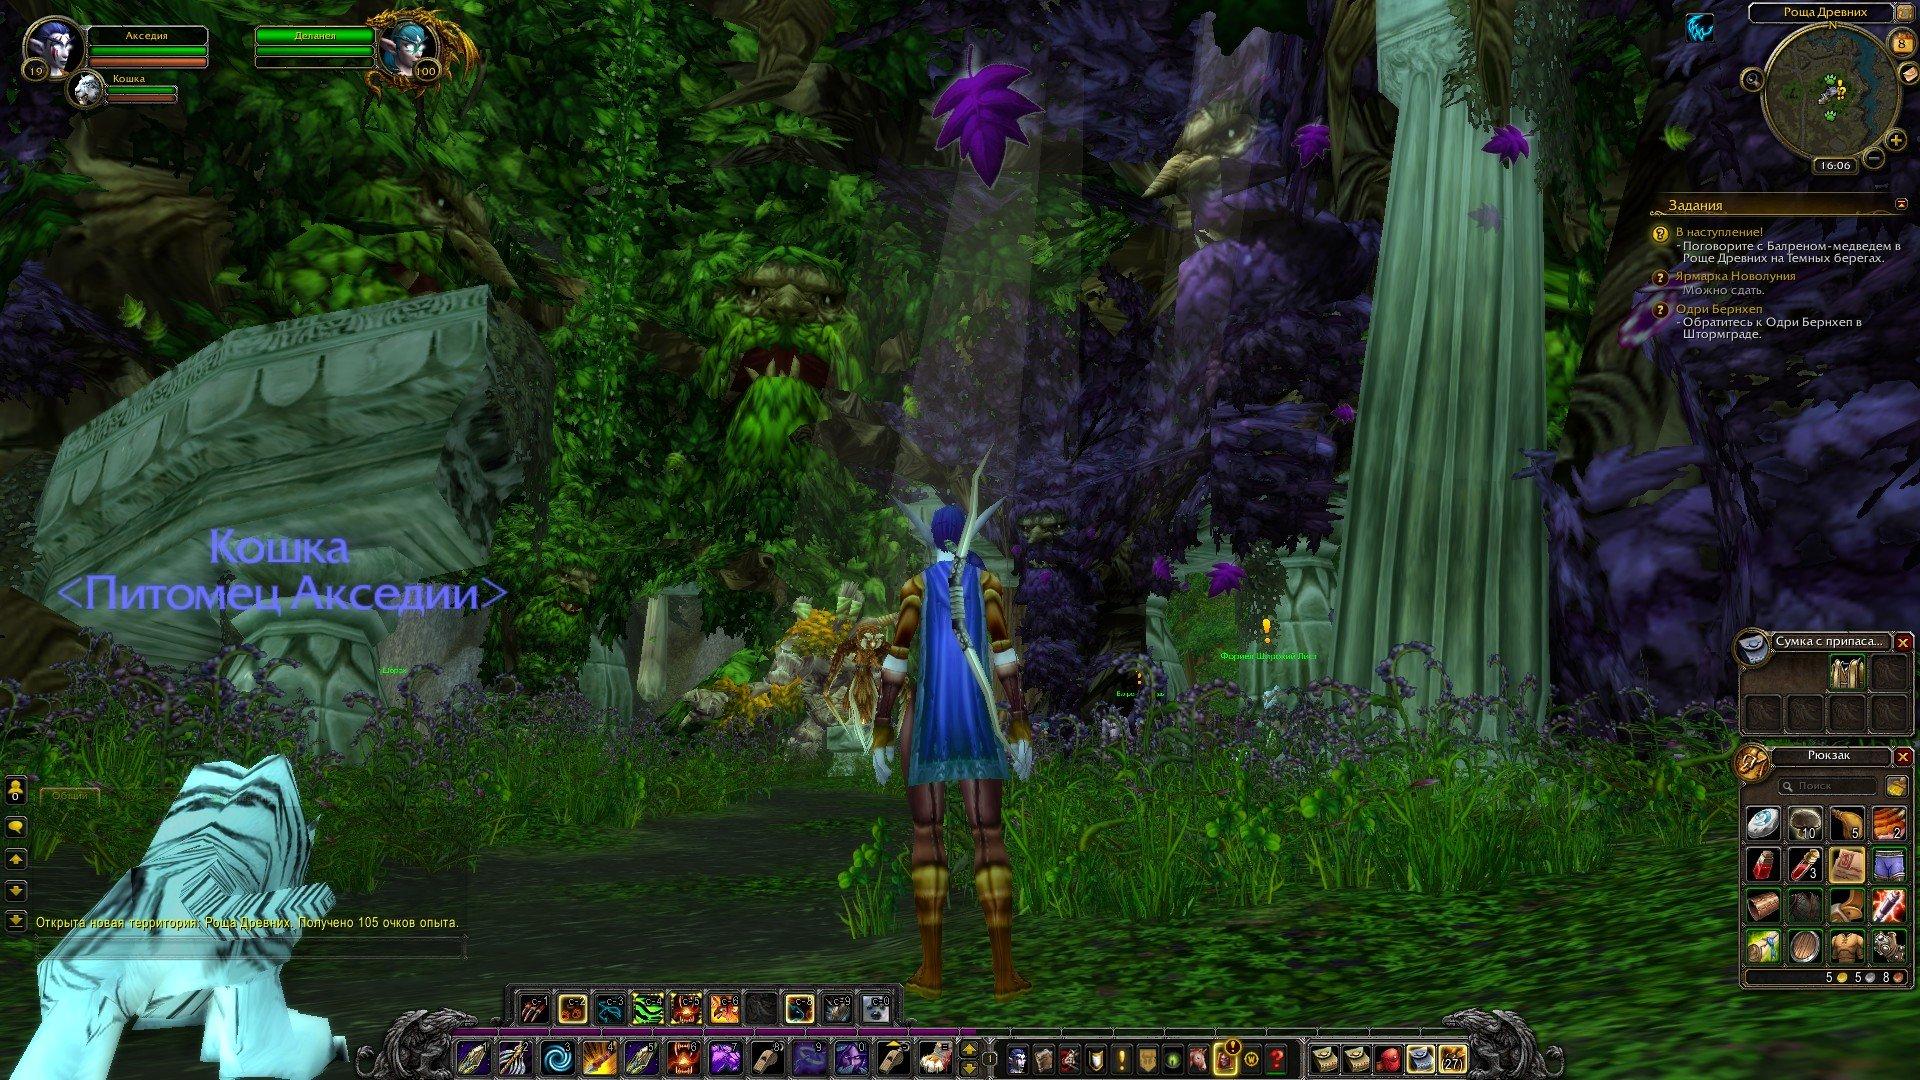 Путешествие по World of Warcraft ... Ночной Эльф. Глава 2 - Изображение 20